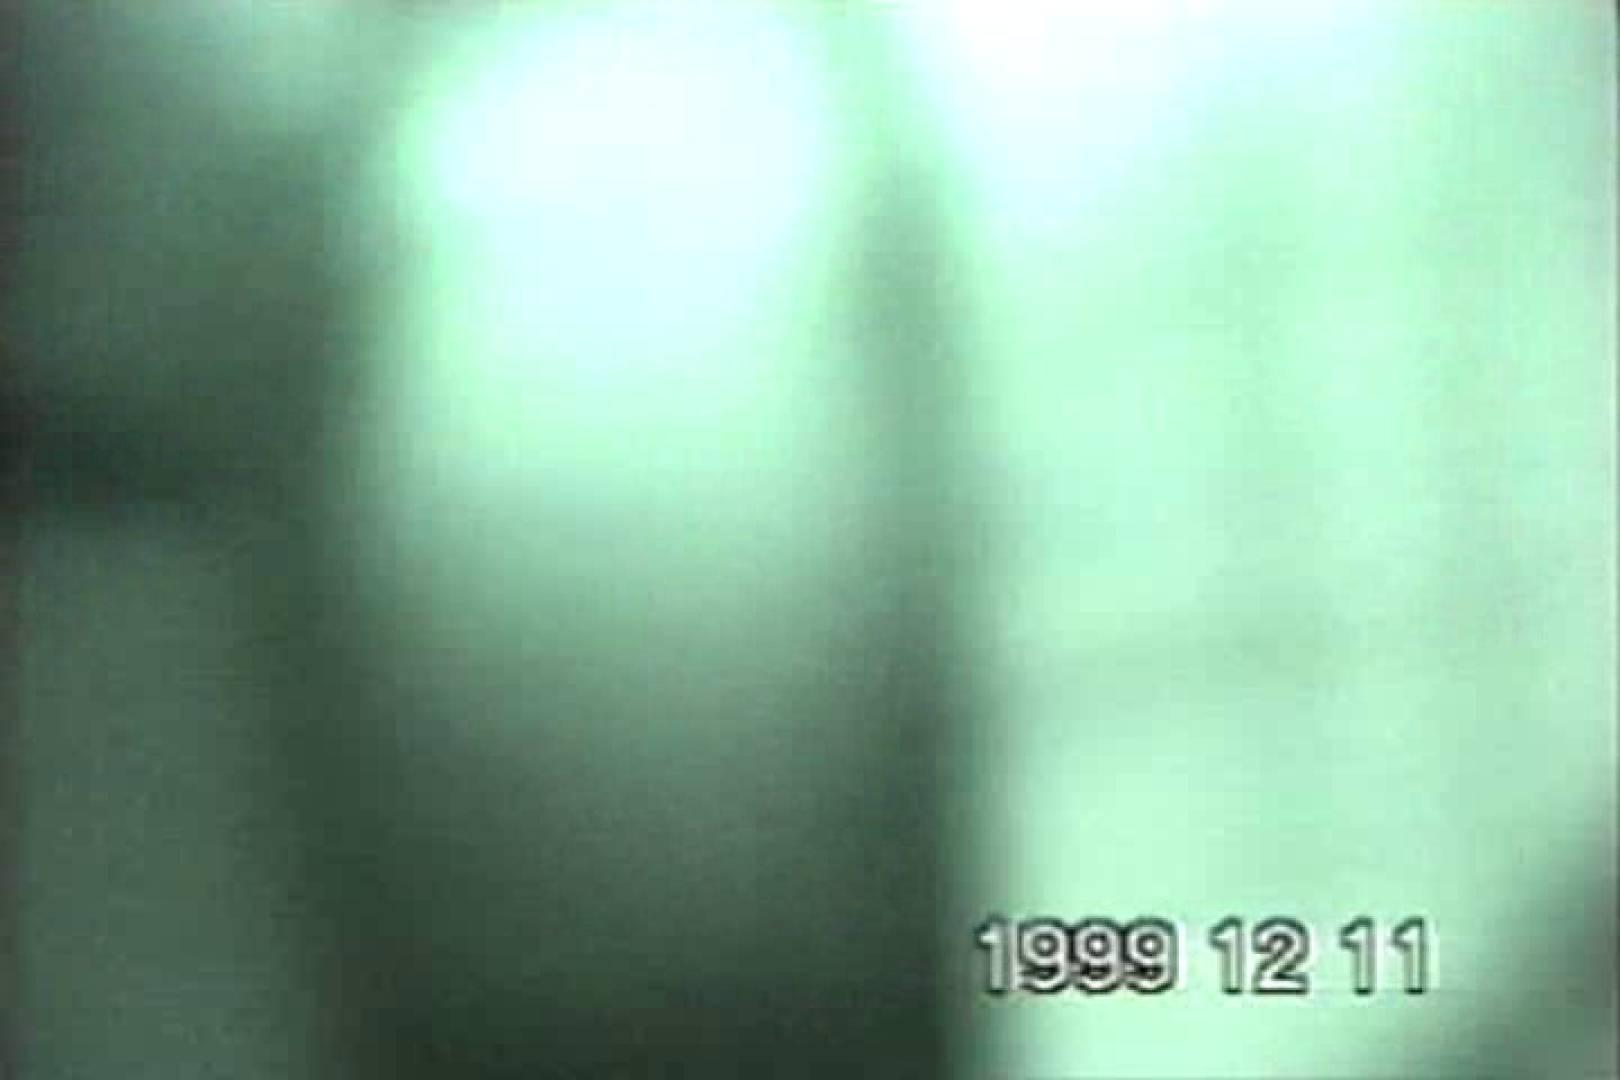 蔵出し!!赤外線カーセックスVol.7 エロティックなOL セックス画像 107画像 51